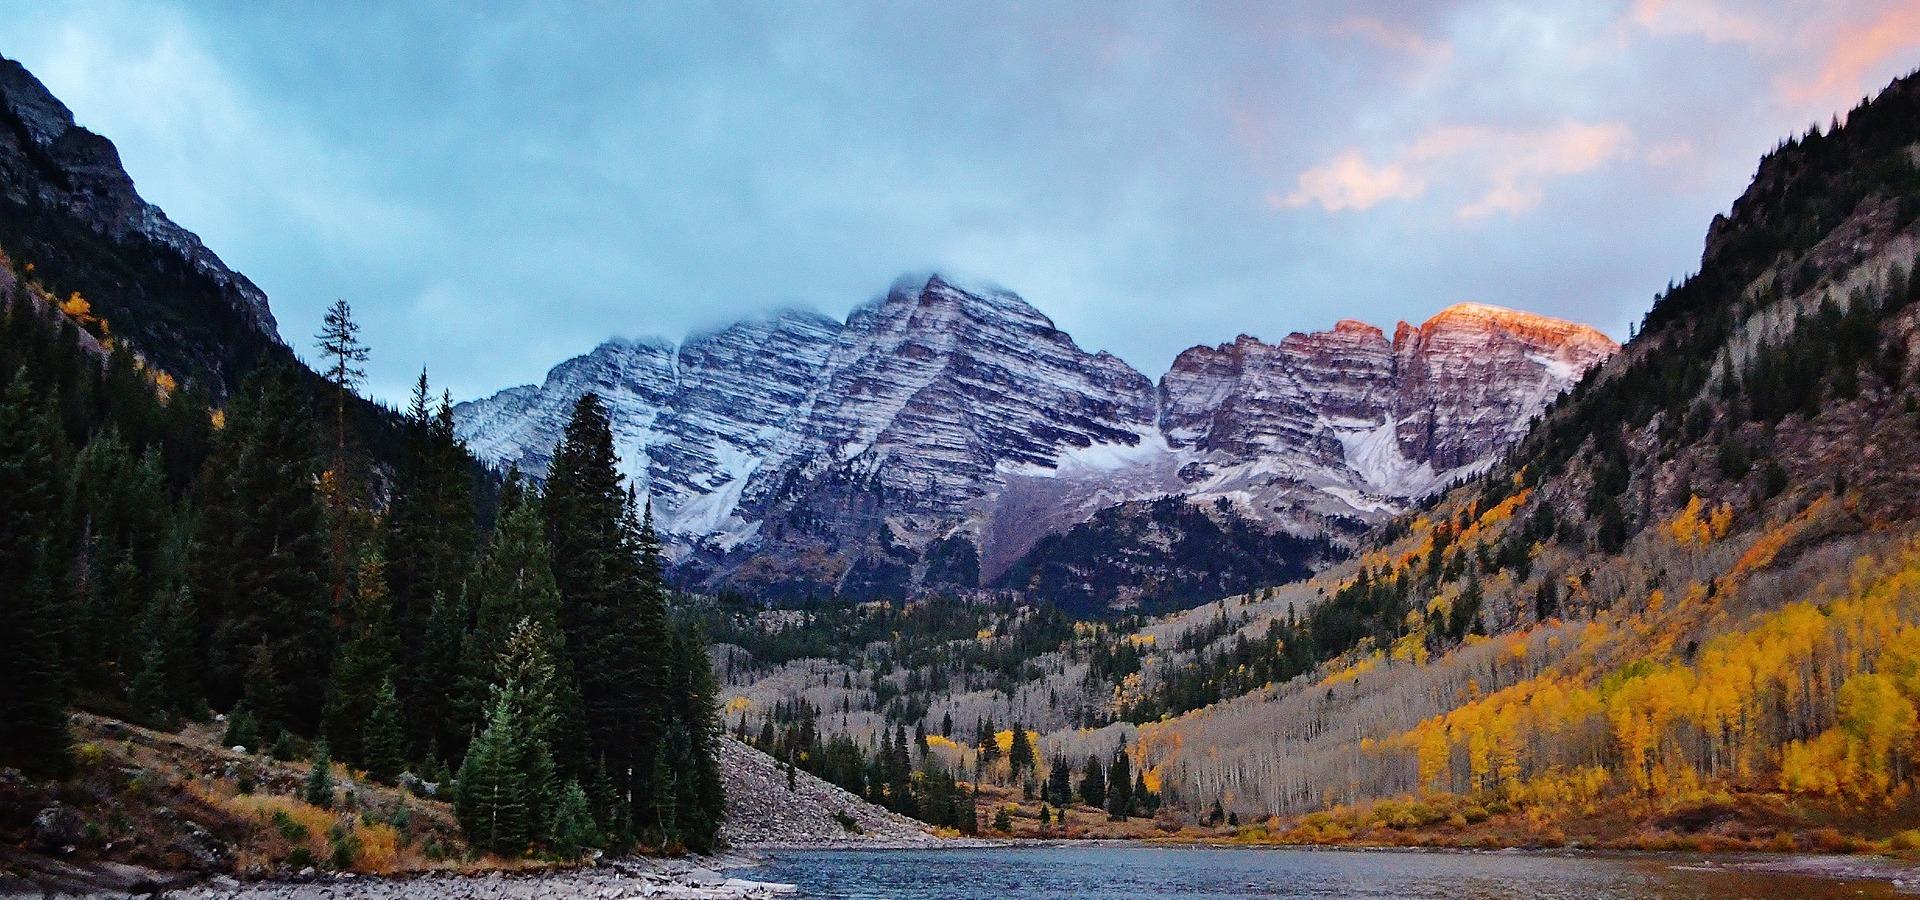 View of Aspen Colorado over lake